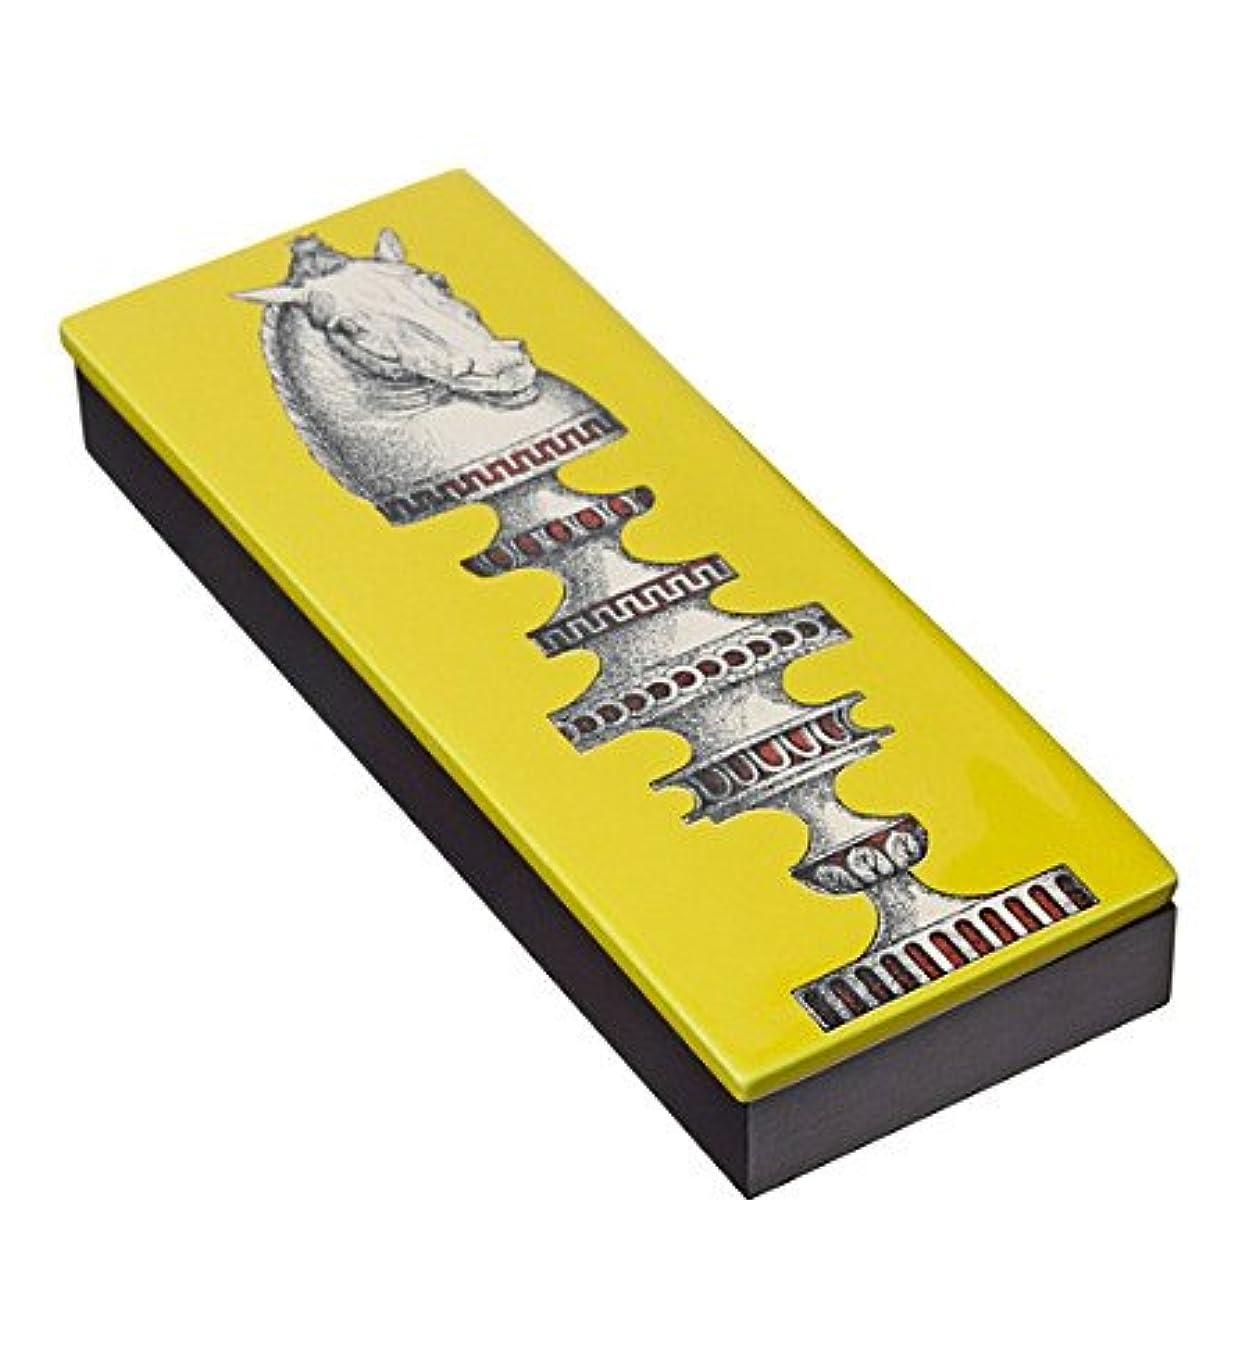 シアーエンドテーブル若者Fornasetti木製ボックスand Incense Scacco al Cavallo蓋( 80 Sticks )